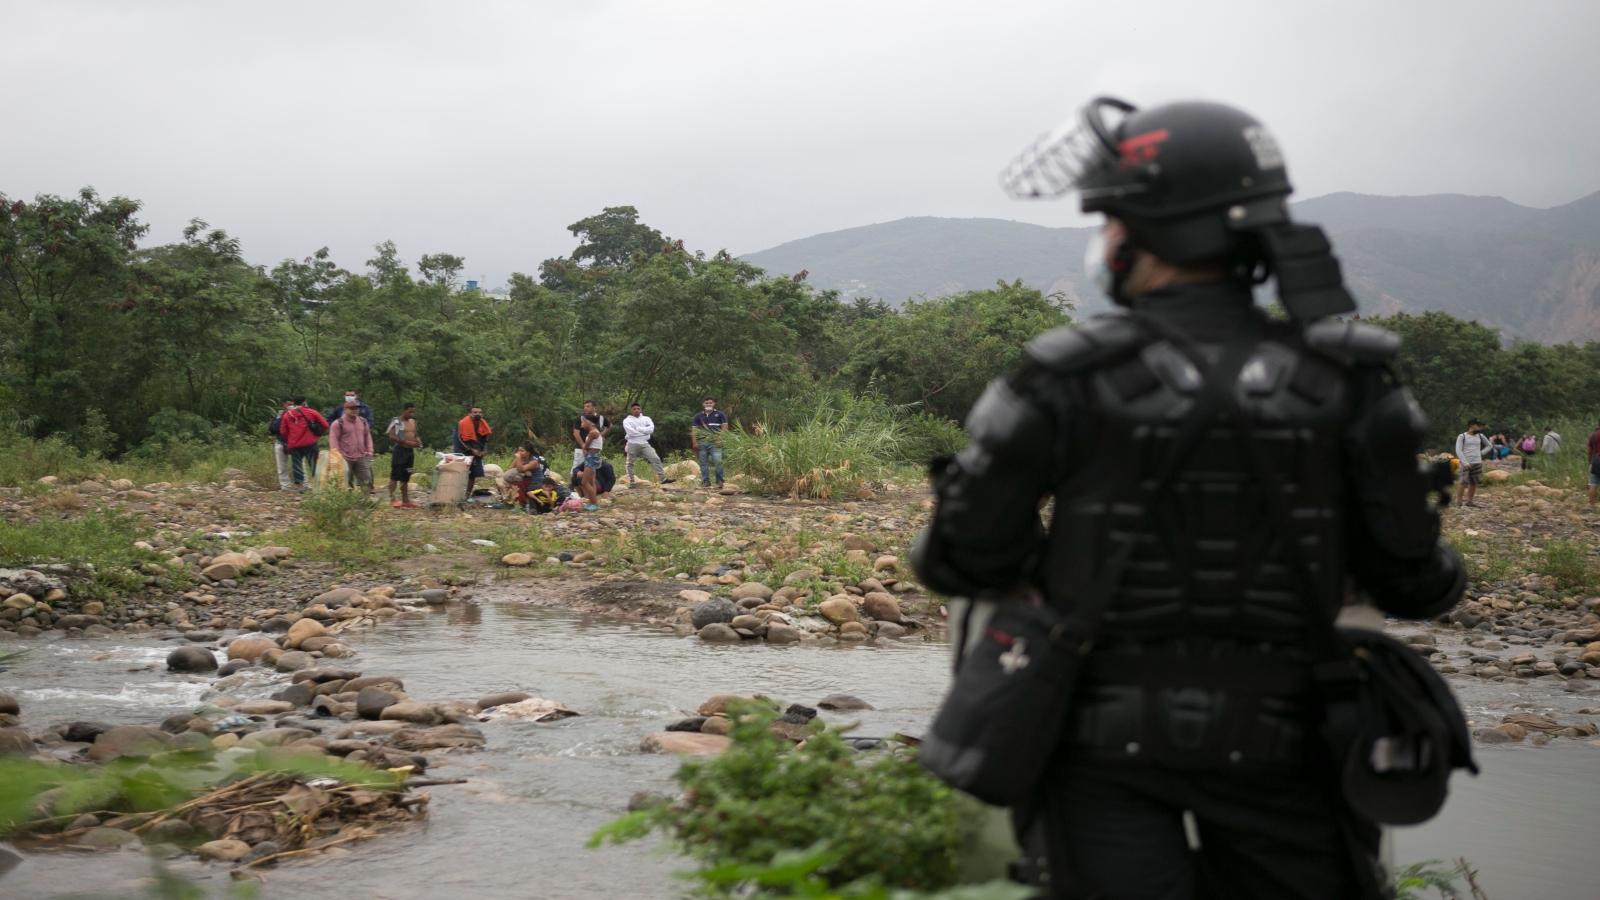 Militarizan La Parada, en Cúcuta, y zonas aledañas al puente Simón Bolívar